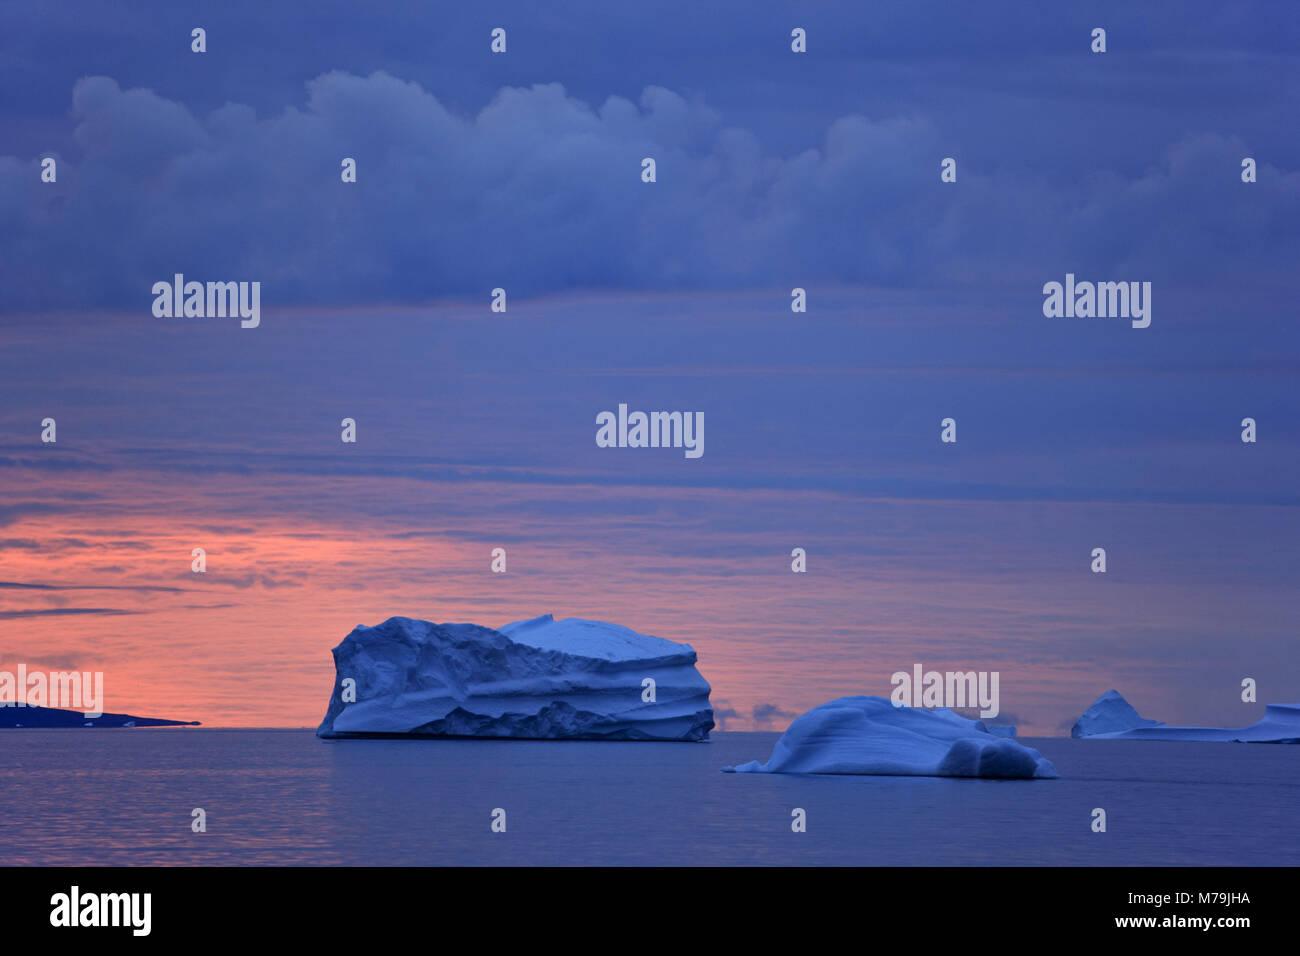 La Groenlandia, est della Groenlandia, Scoresby Sund, iceberg, cielo rosso, Foto Stock